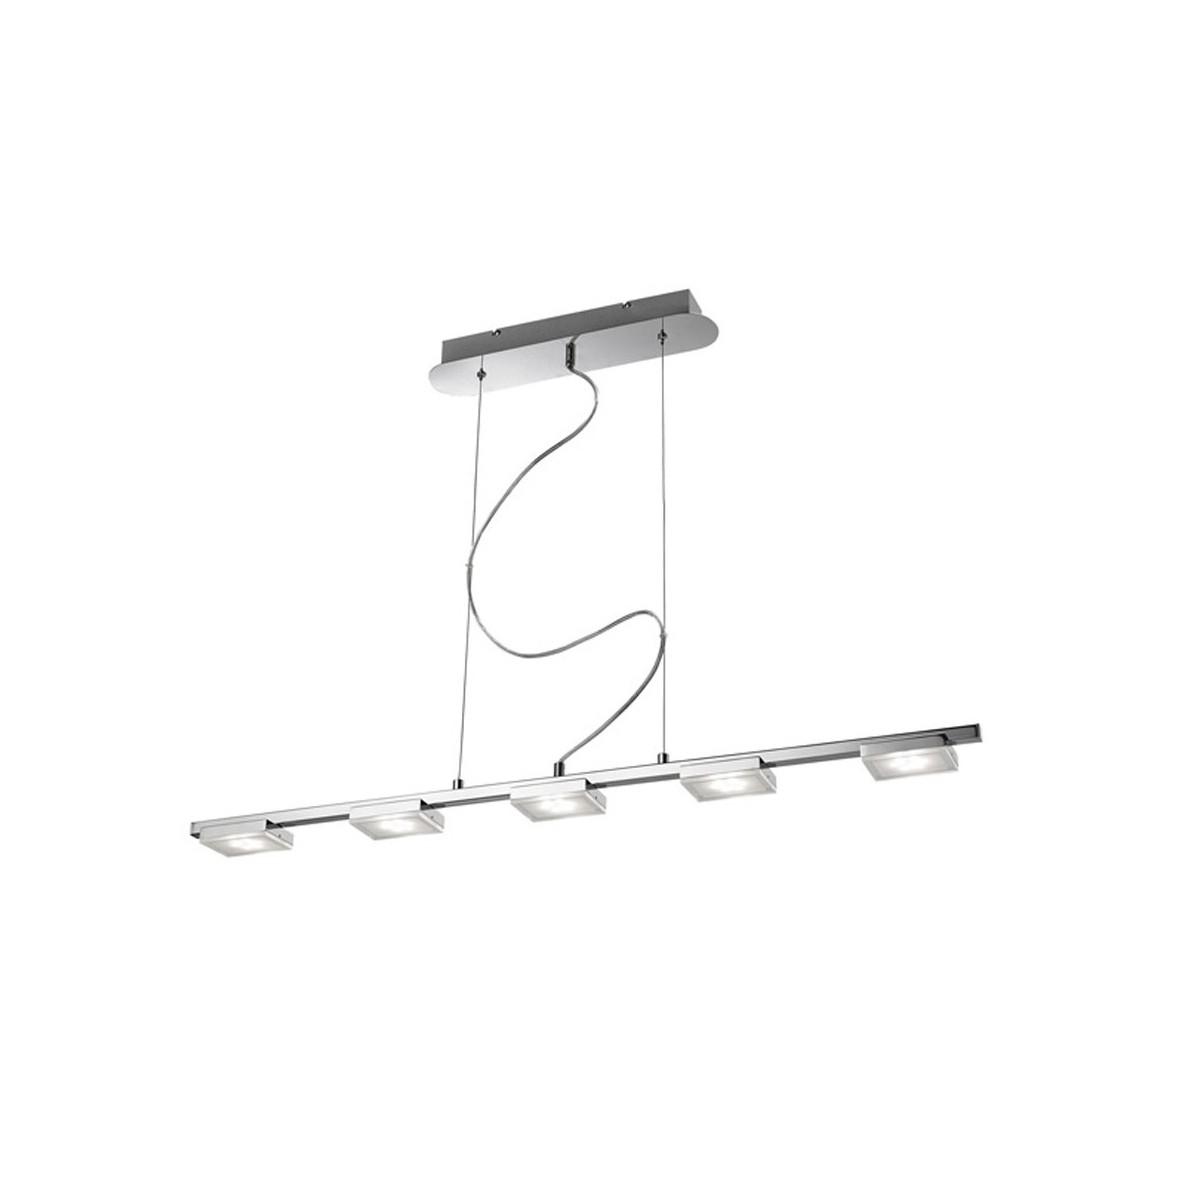 Run LED Pendant Light 22.5W